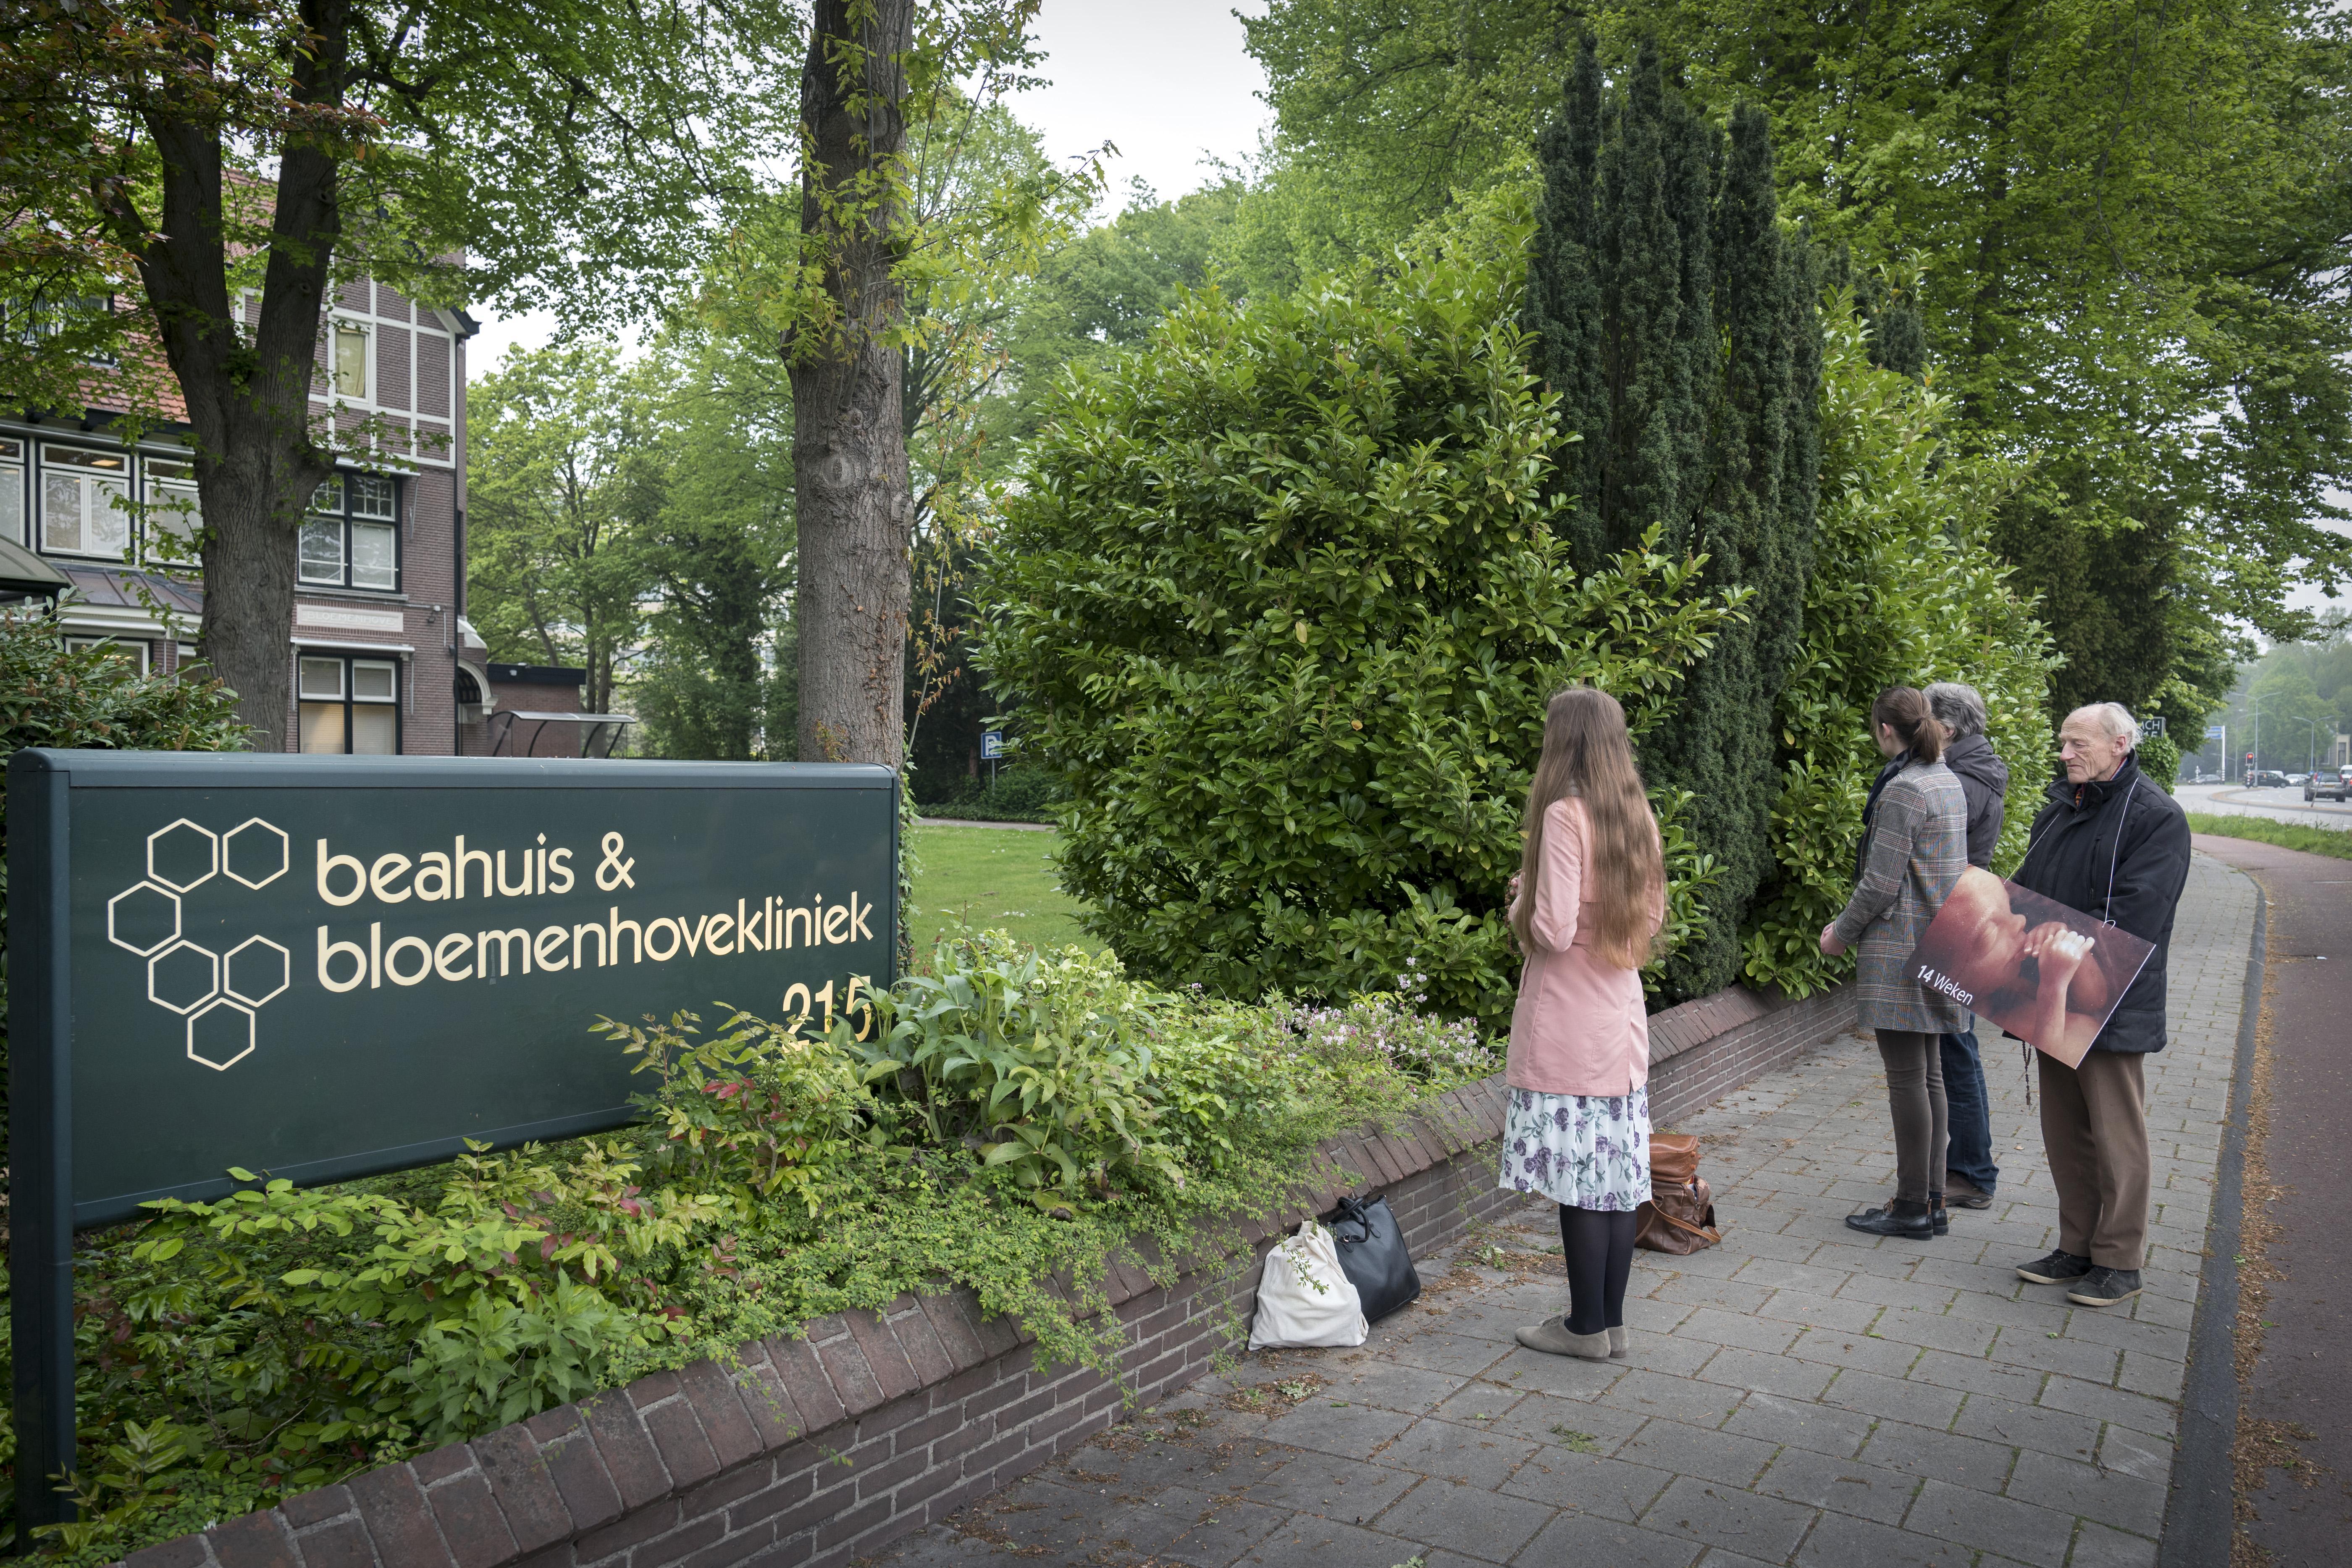 Demonstreren vlak voor ingang abortuskliniek in Haarlem blijft toch mogelijk: 'We zijn heel ontevreden en best wel boos'